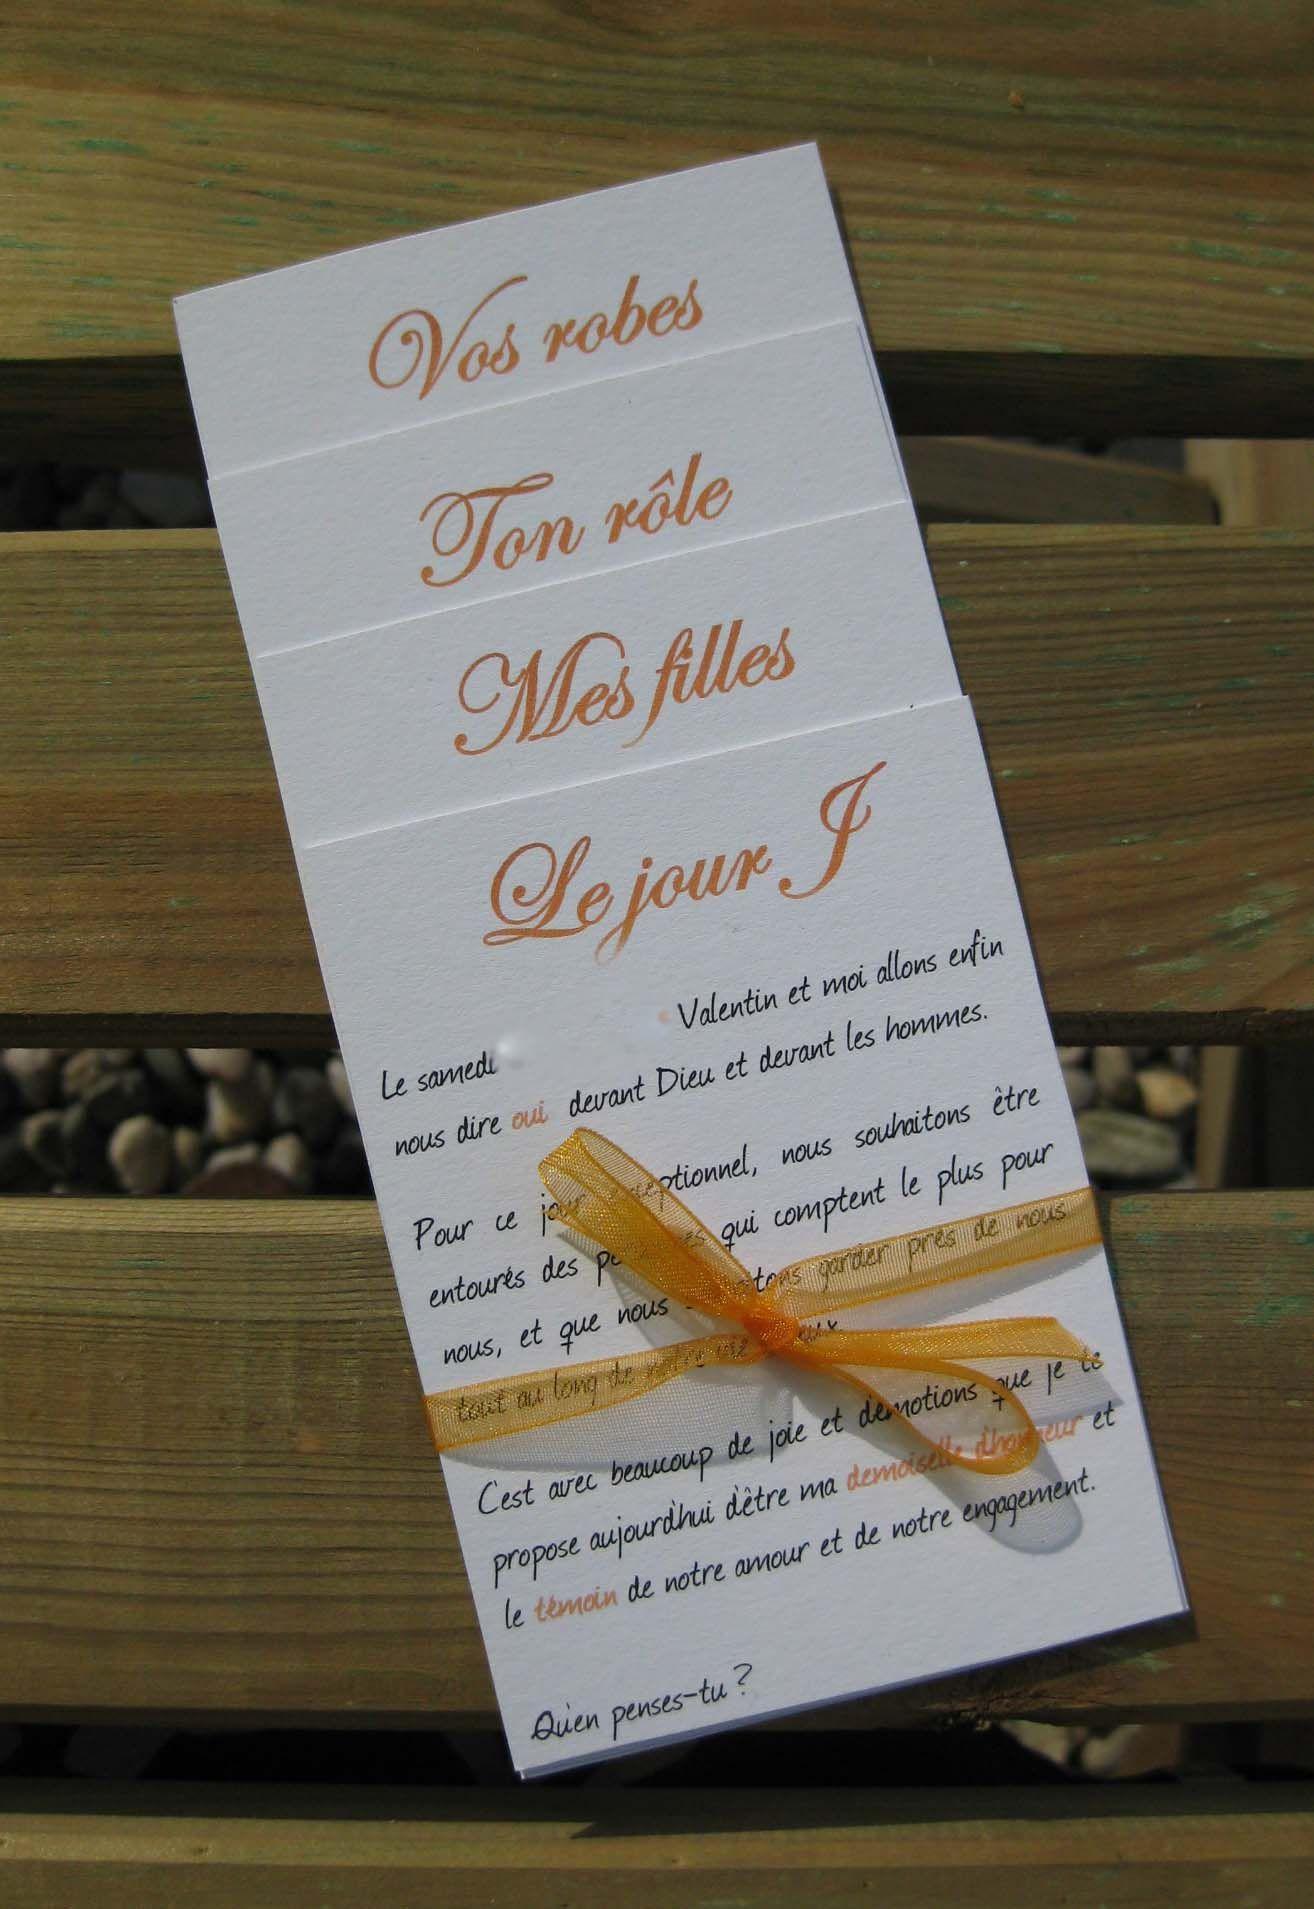 Annonce Témoin Mariage dedans sois mon témoin de mariage… pte boite surprise contenant demande